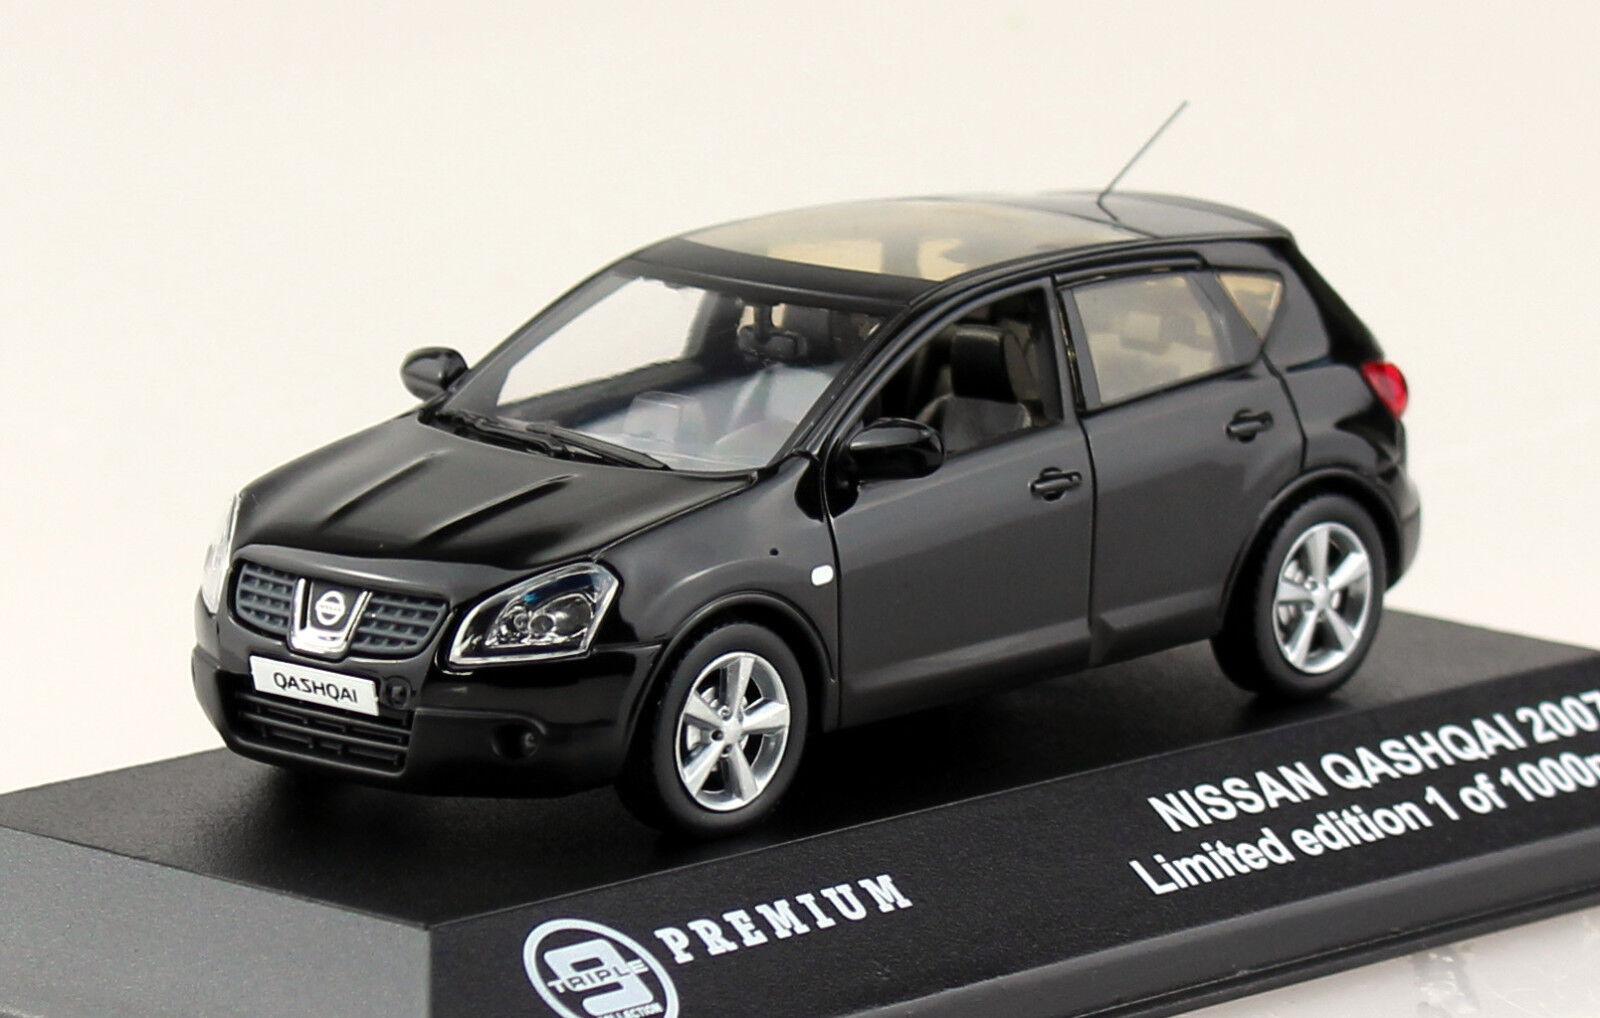 Nissan Qashqai 2007 black 1 43 Triple 9  Modellauto 10025